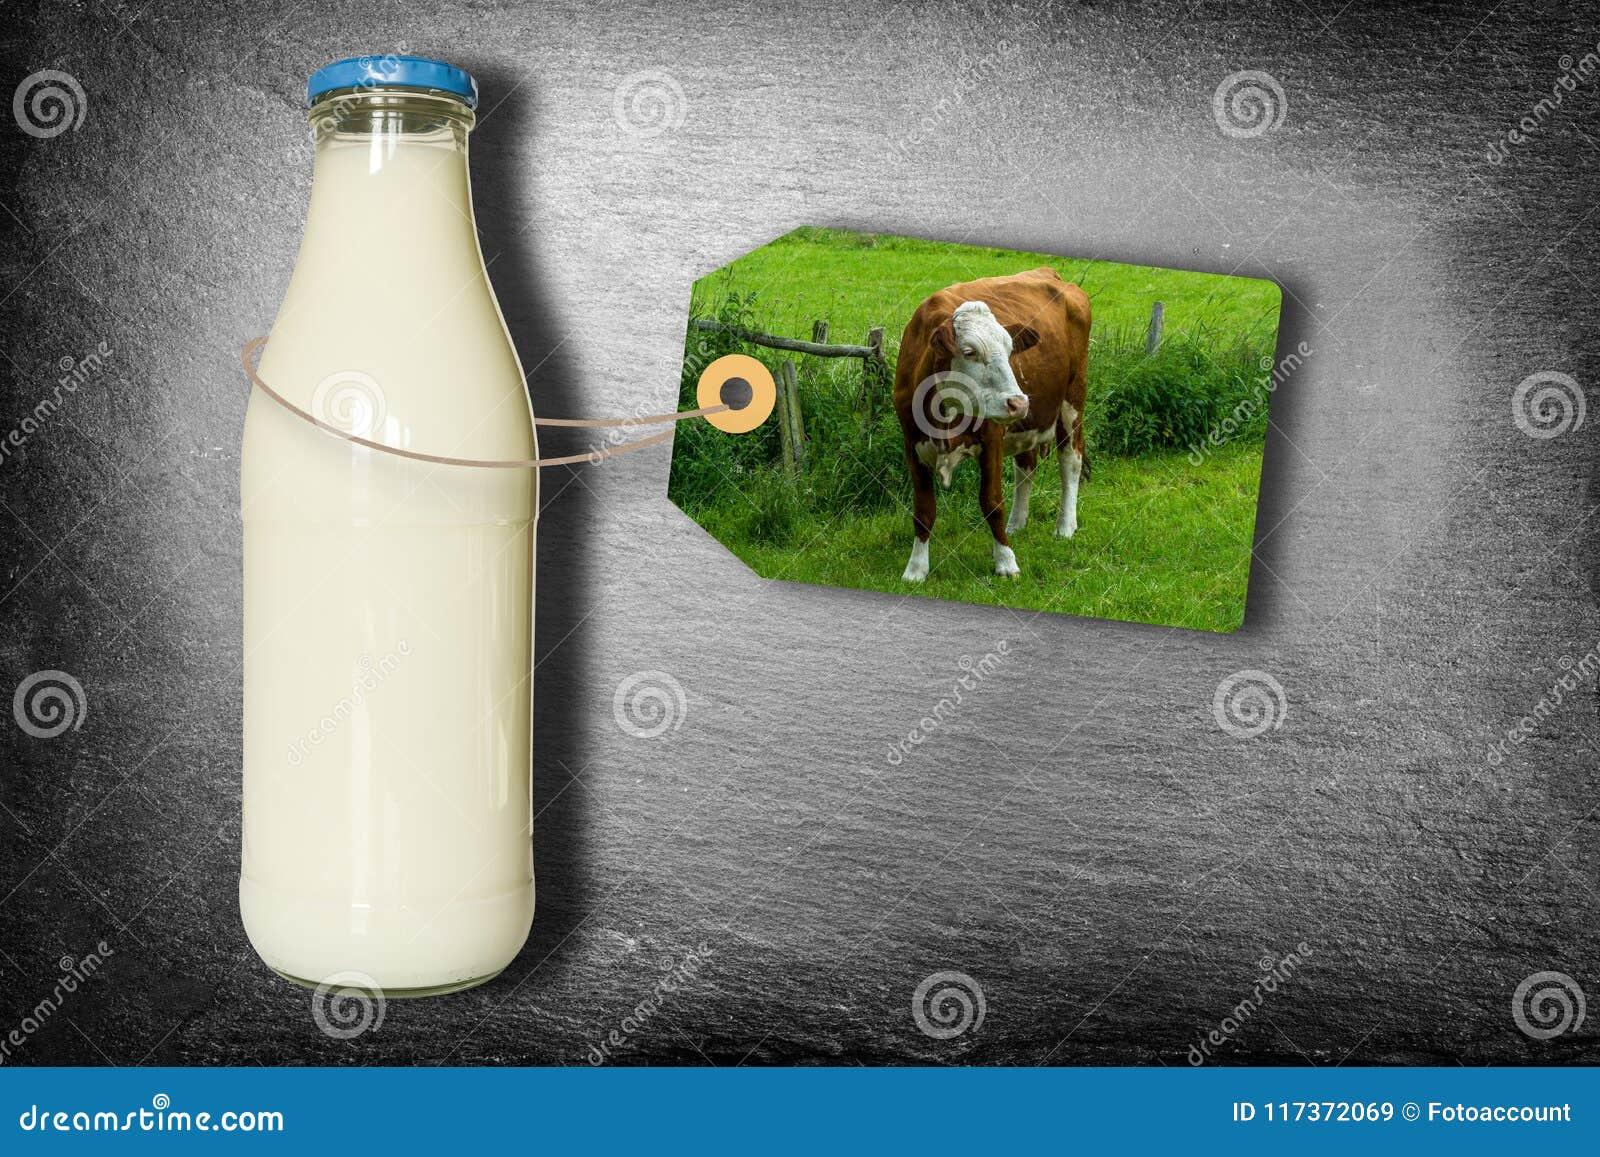 Garrafa do leite com a etiqueta - vaca de leiteria no prado - isolada na ardósia